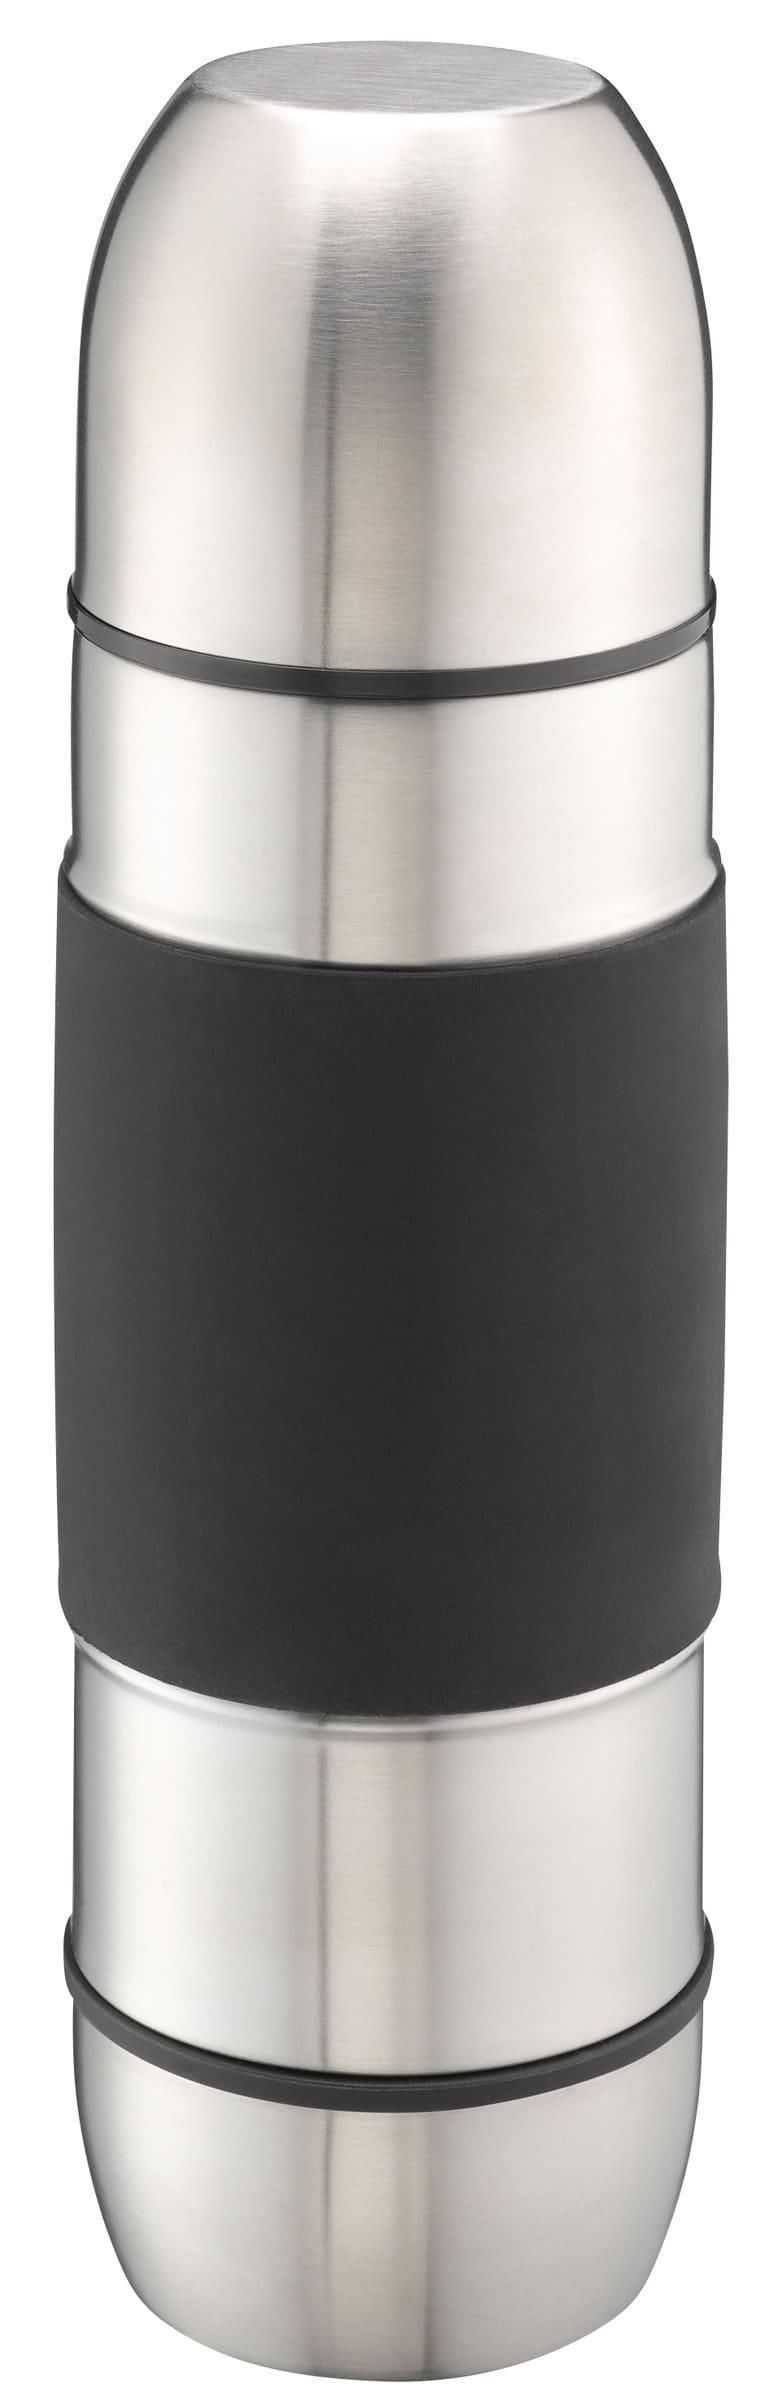 Cucina & Tavola Bottiglia termica 0.7L